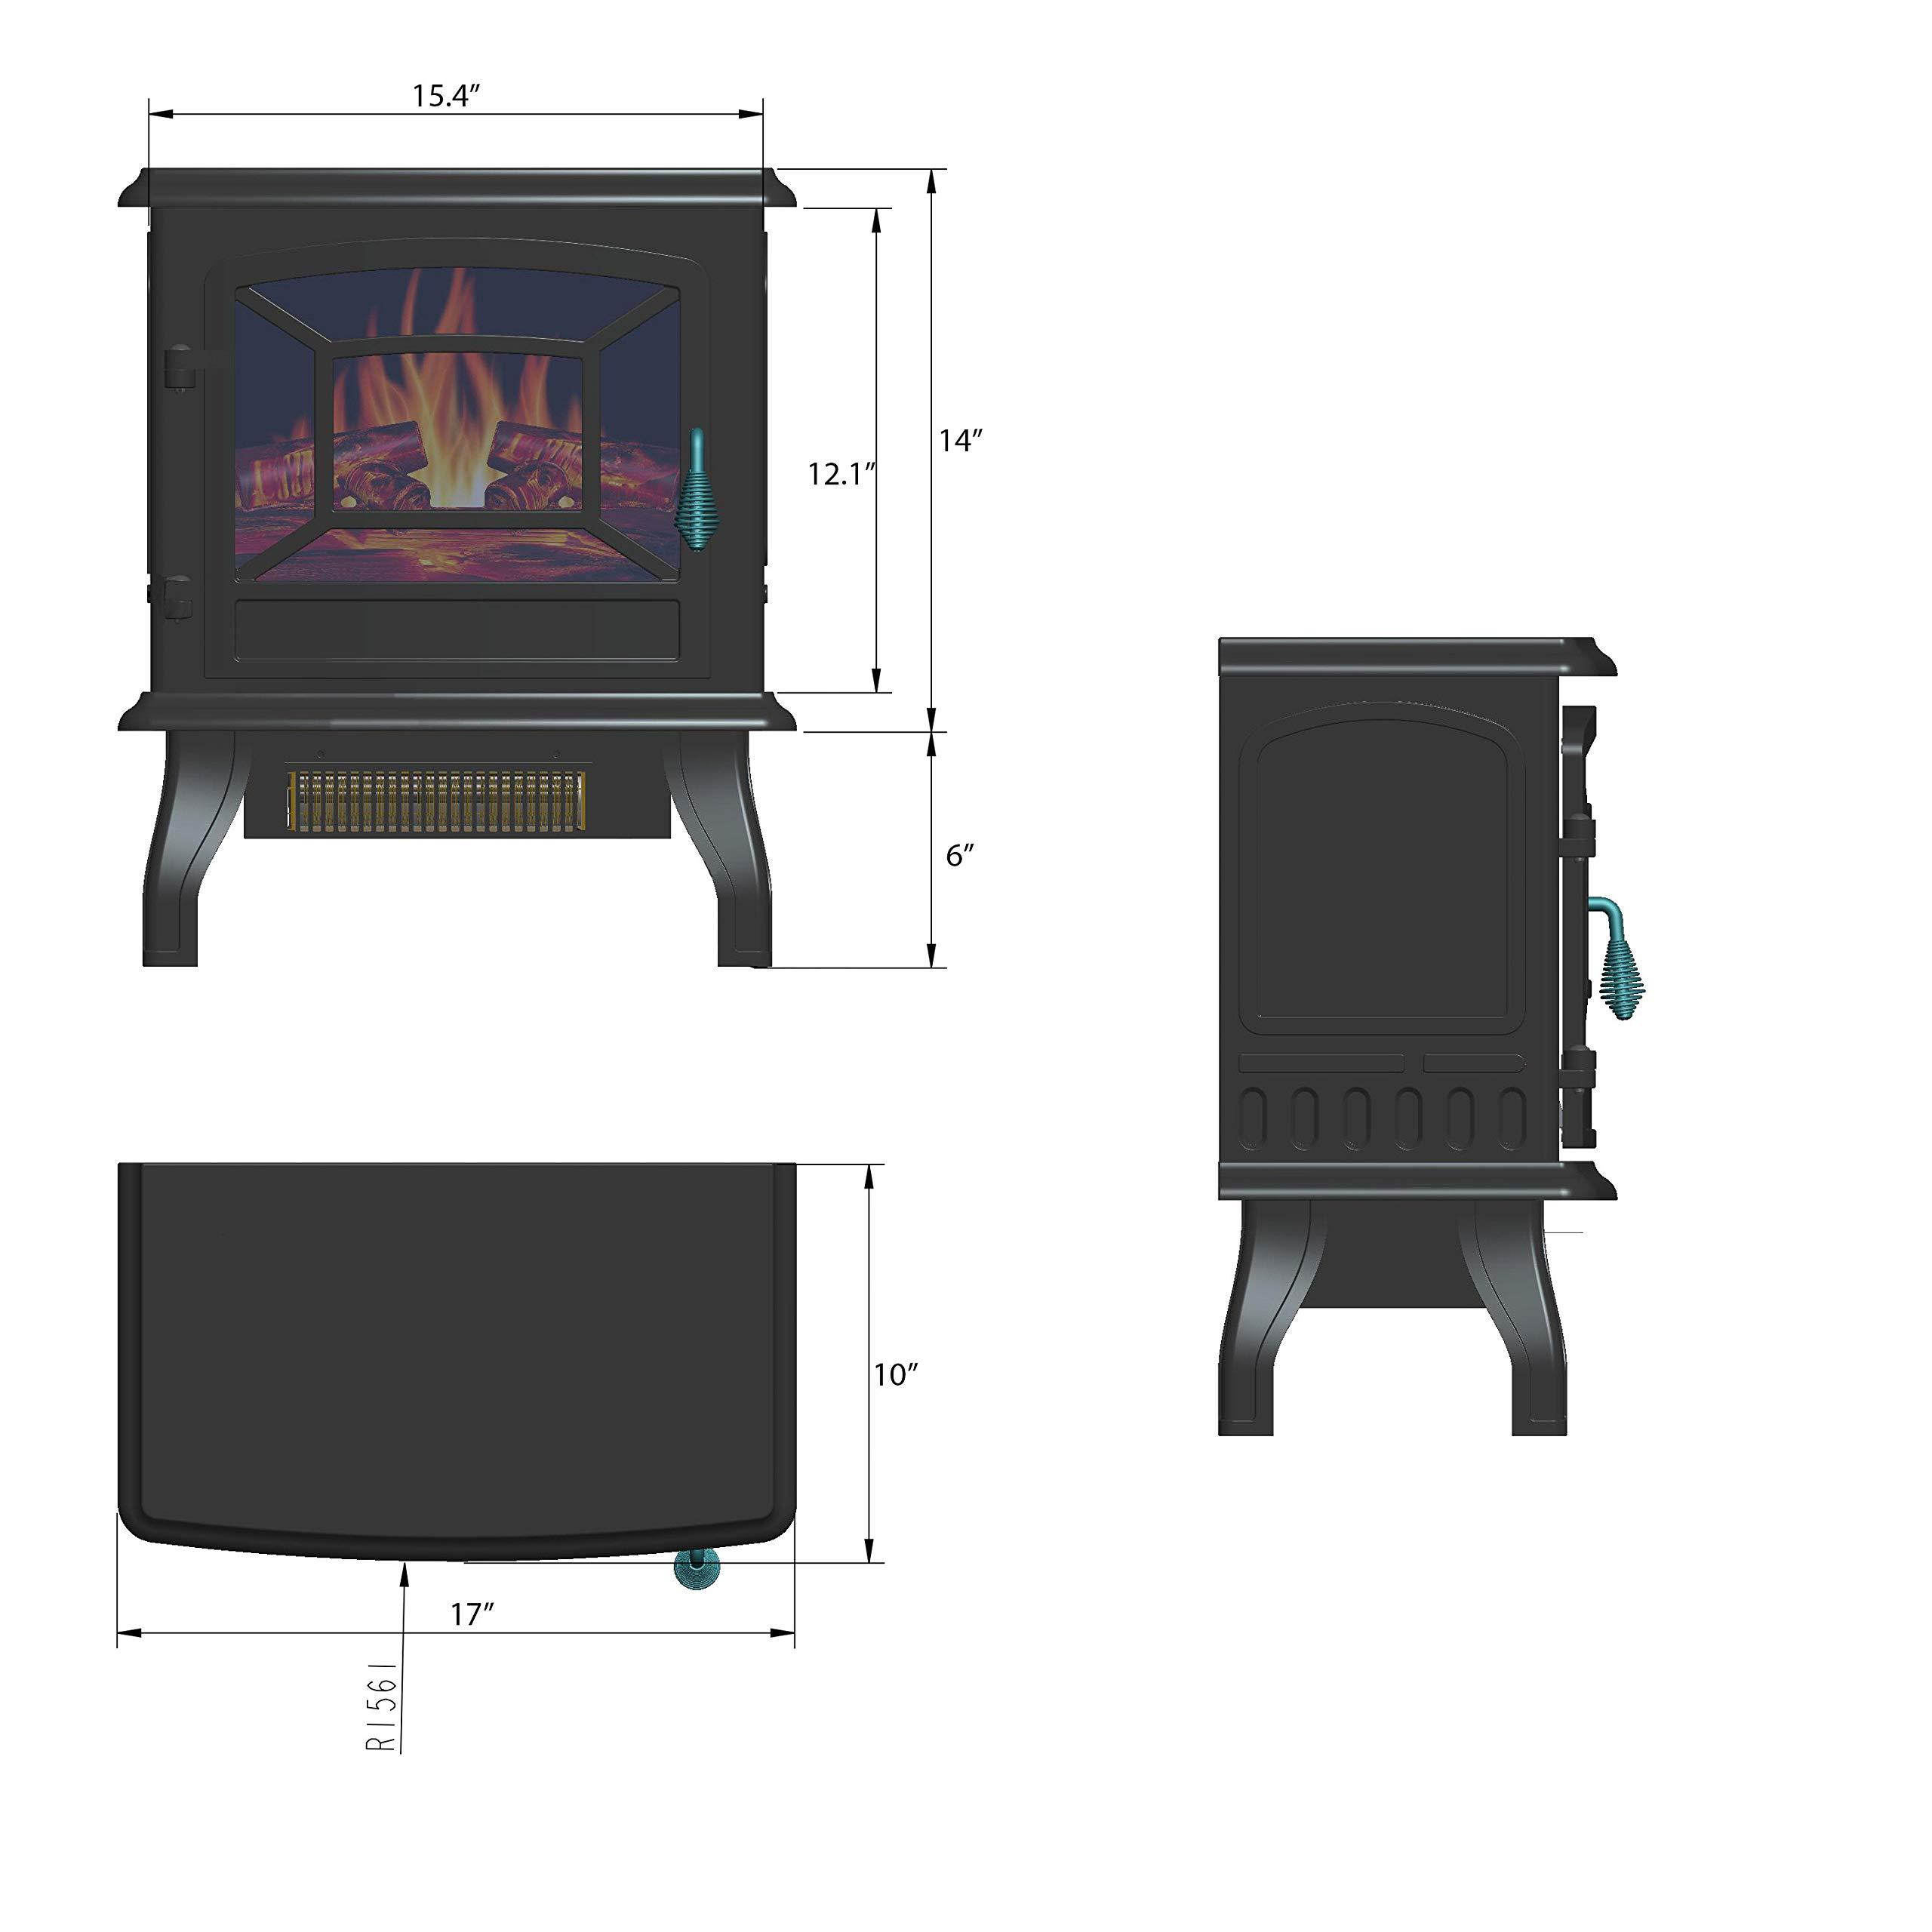 AKDY 20 Retro Style Floor Freestanding